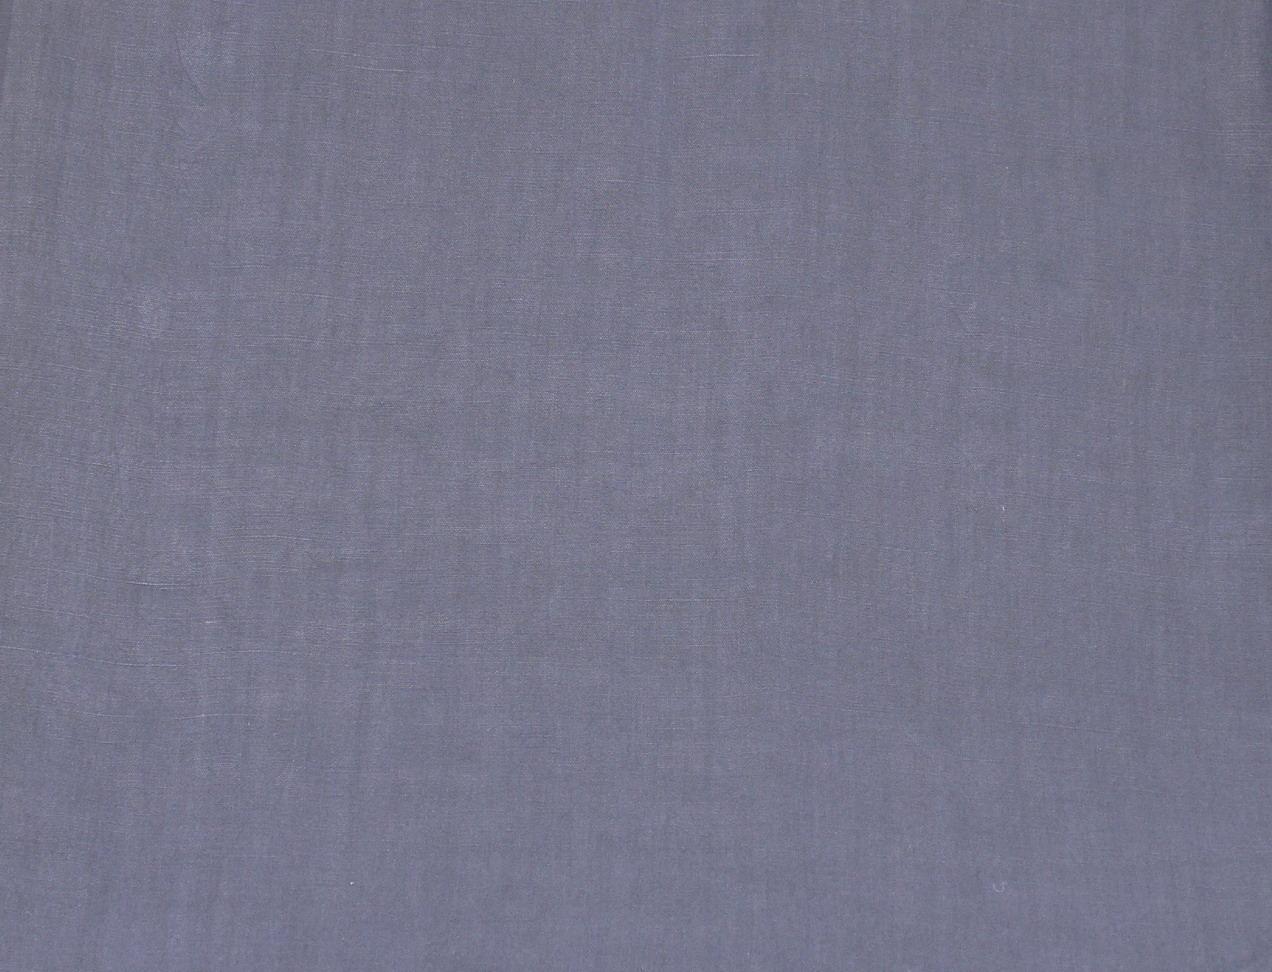 CORTONA Blue Navy